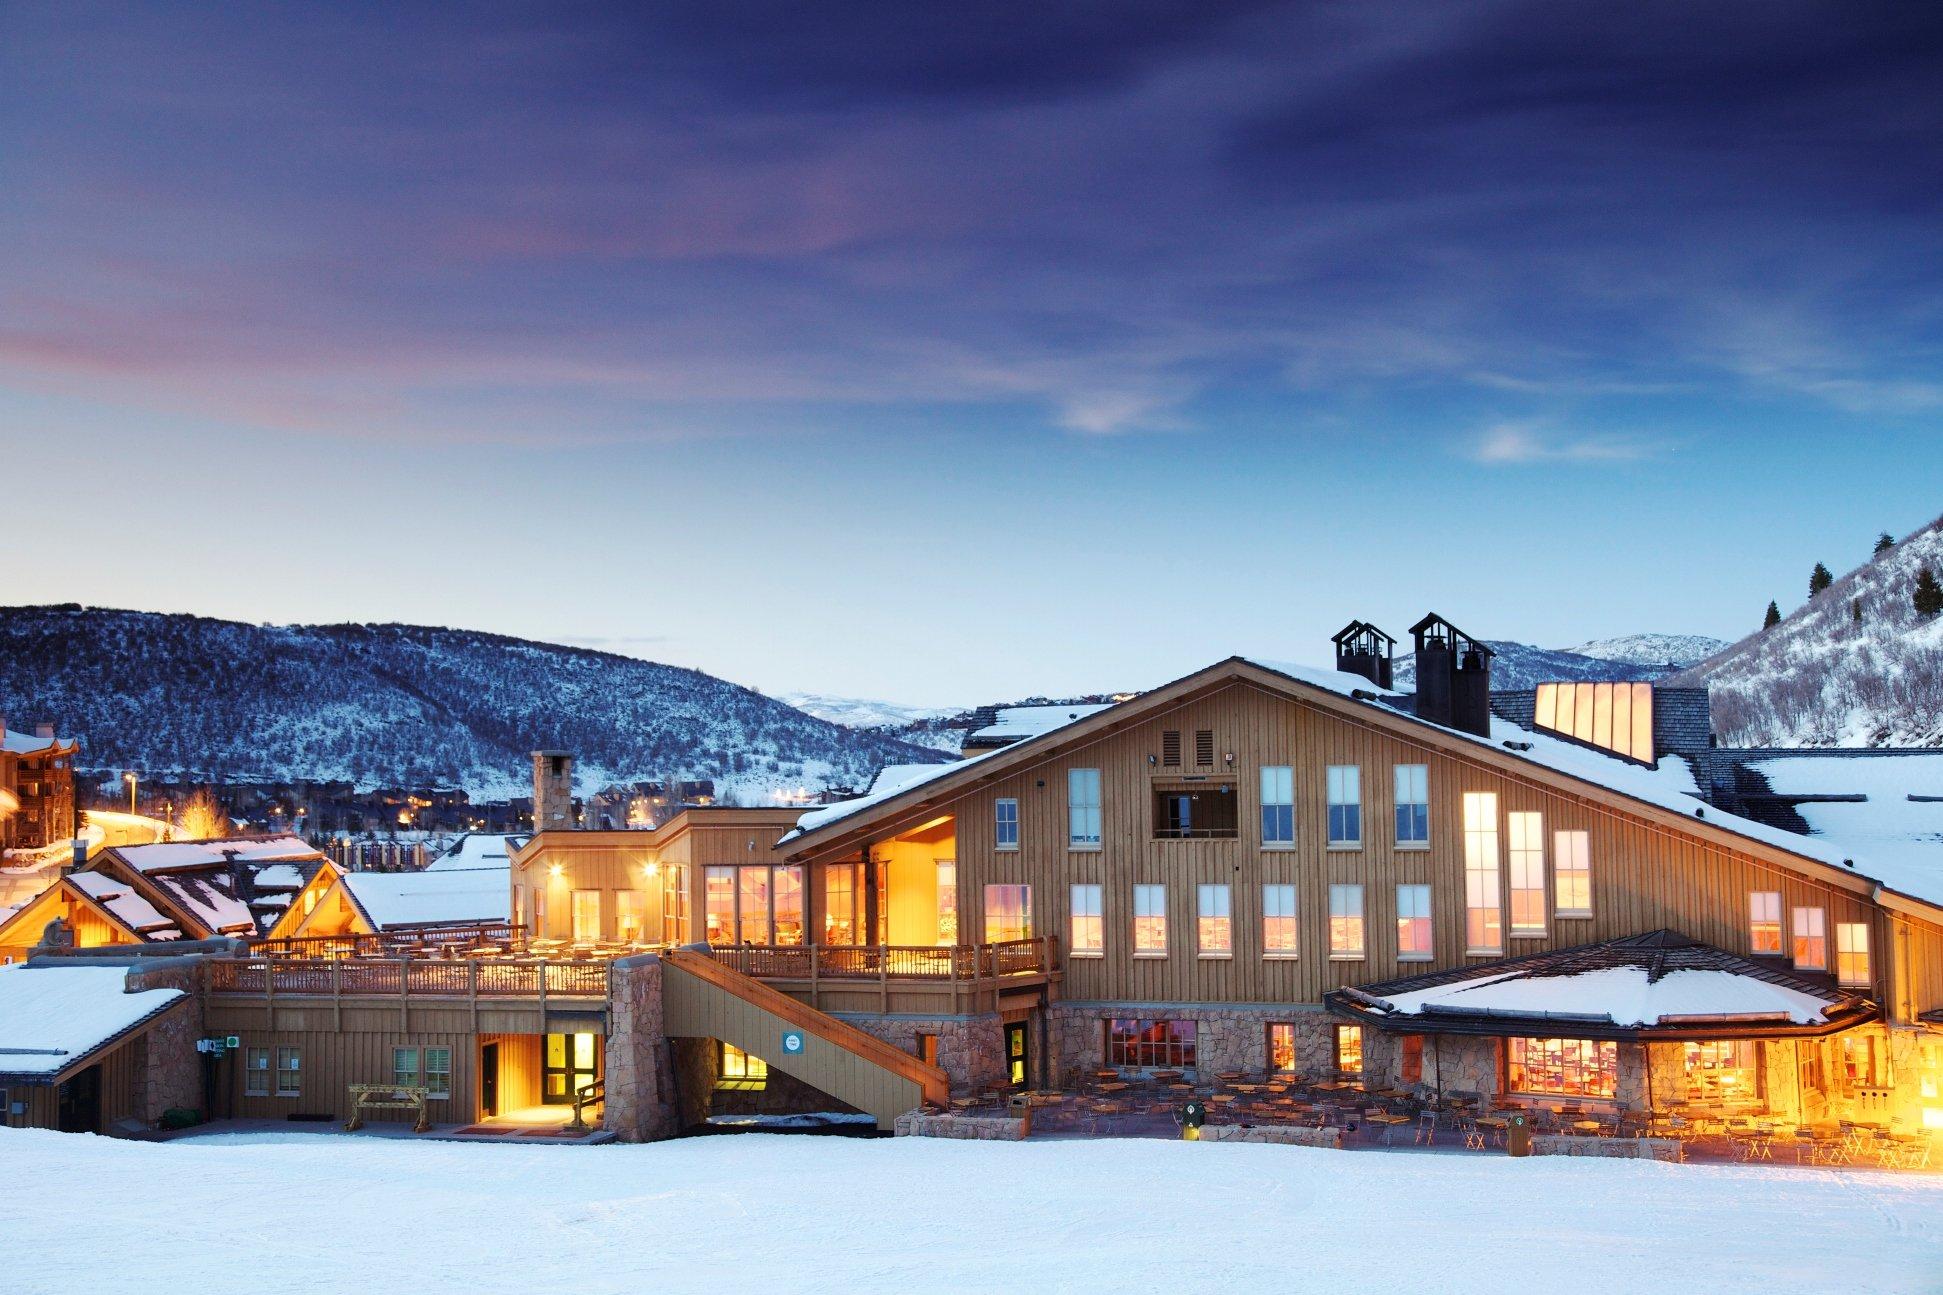 007 snow park lodge_deer valley resort.jpg